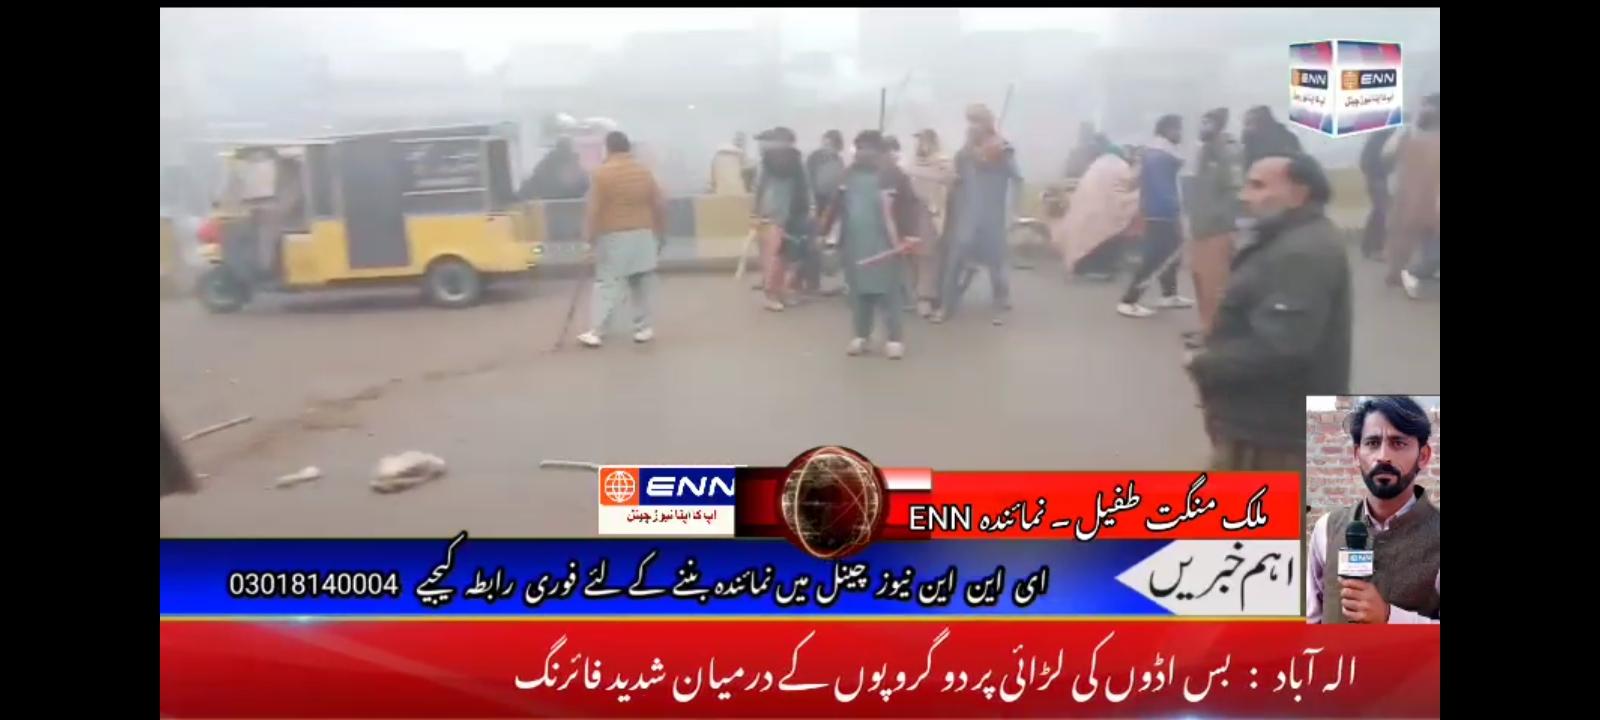 الہ آباد : بس اڈوں کی لڑائی پر دو گروپوں کے درمیان شدید فائرنگ